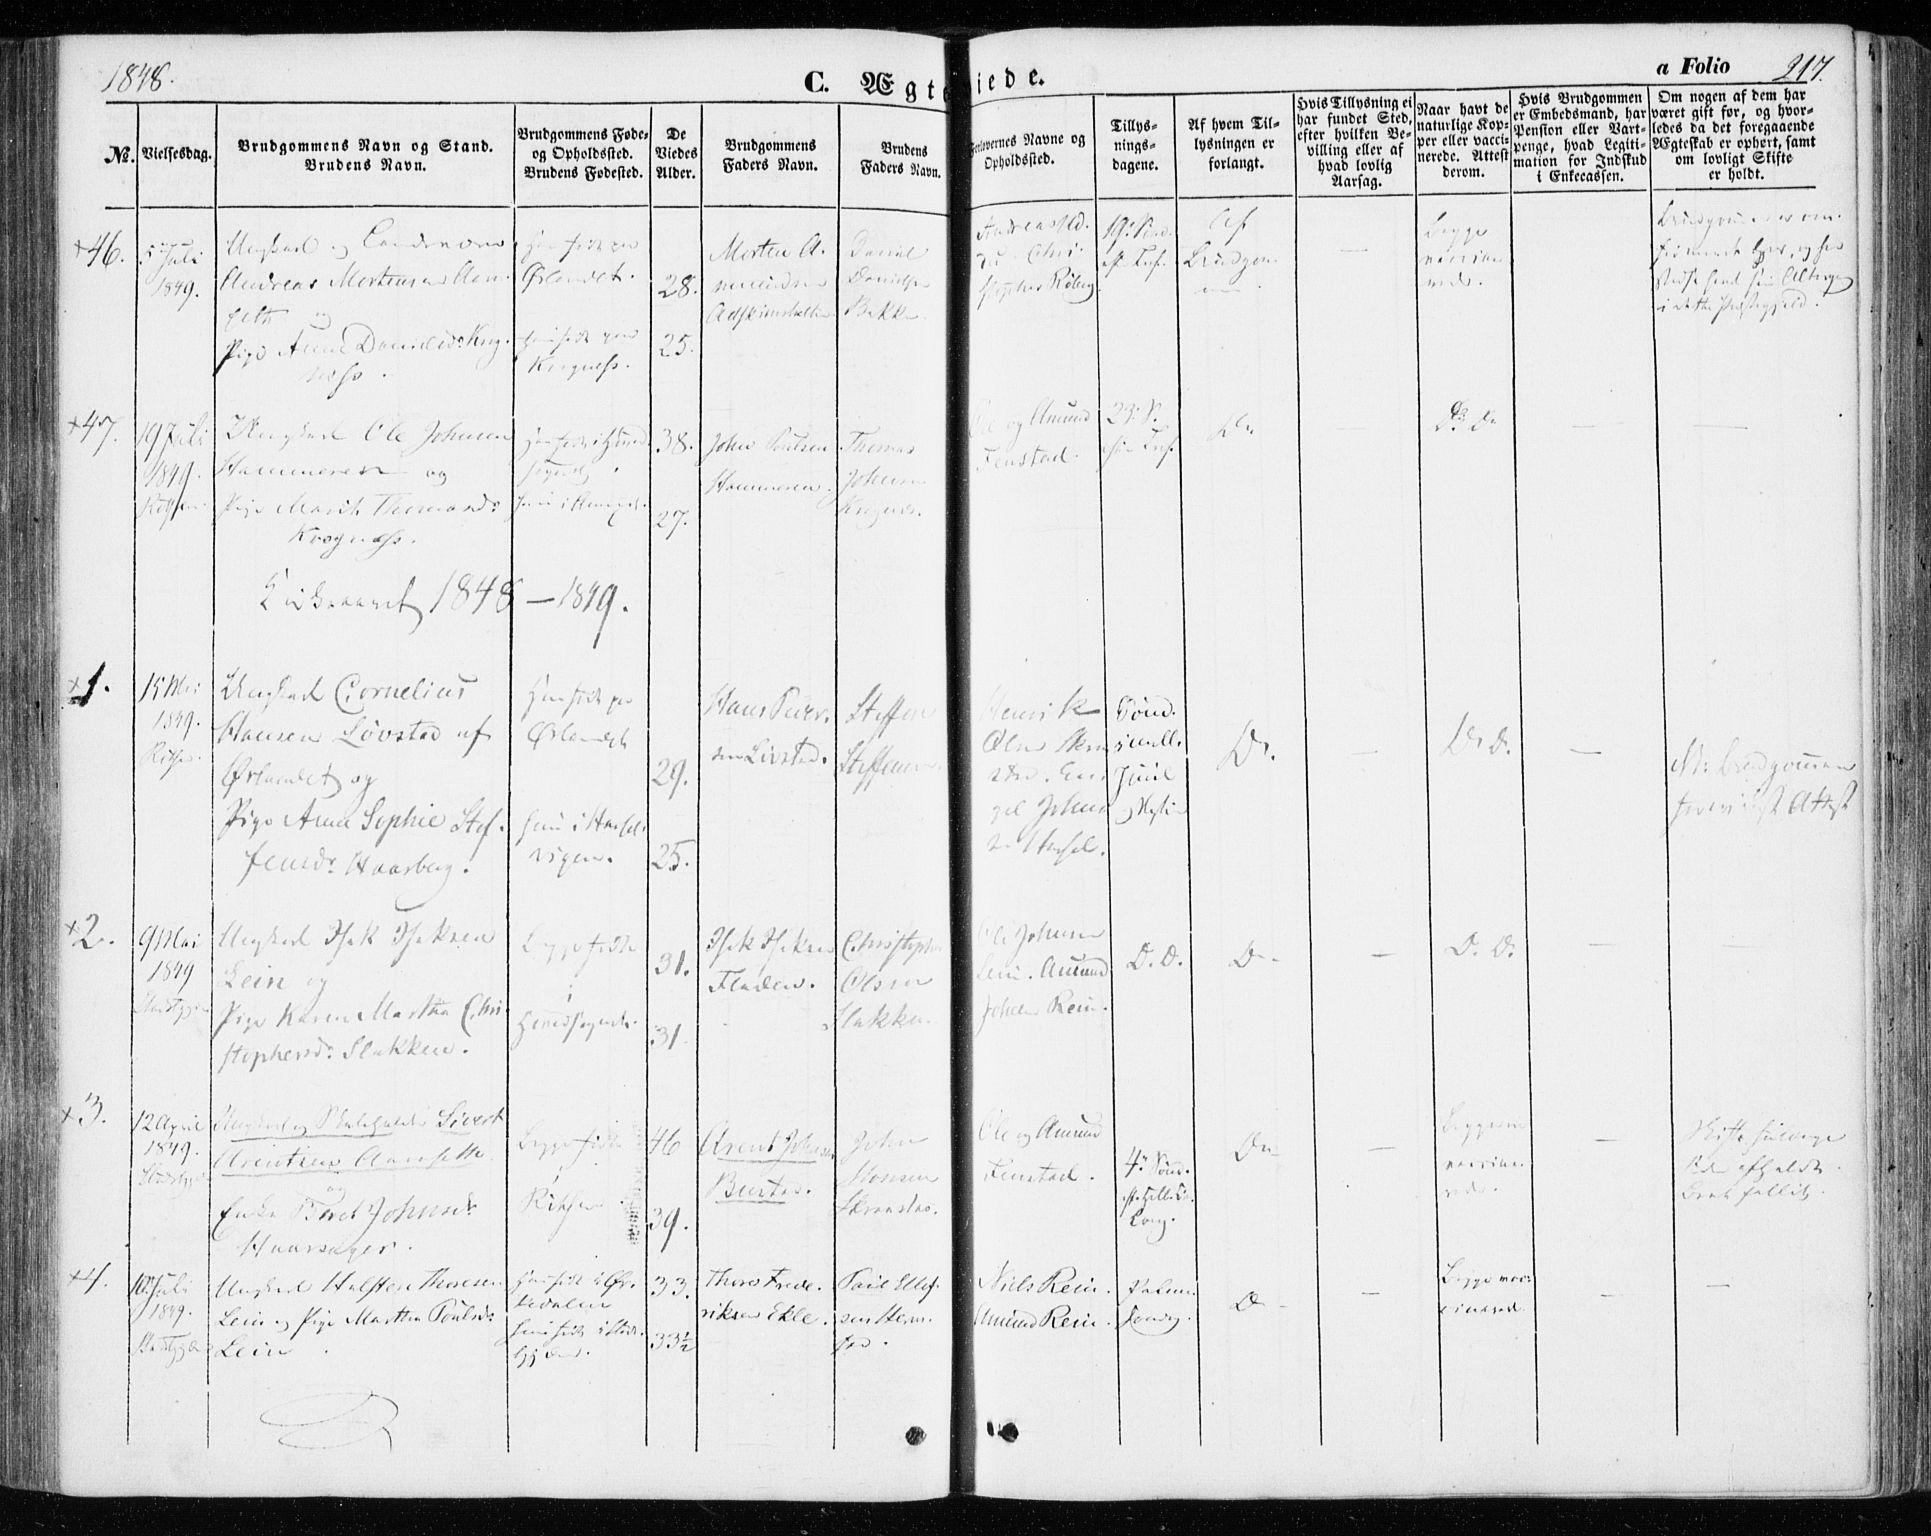 SAT, Ministerialprotokoller, klokkerbøker og fødselsregistre - Sør-Trøndelag, 646/L0611: Ministerialbok nr. 646A09, 1848-1857, s. 217